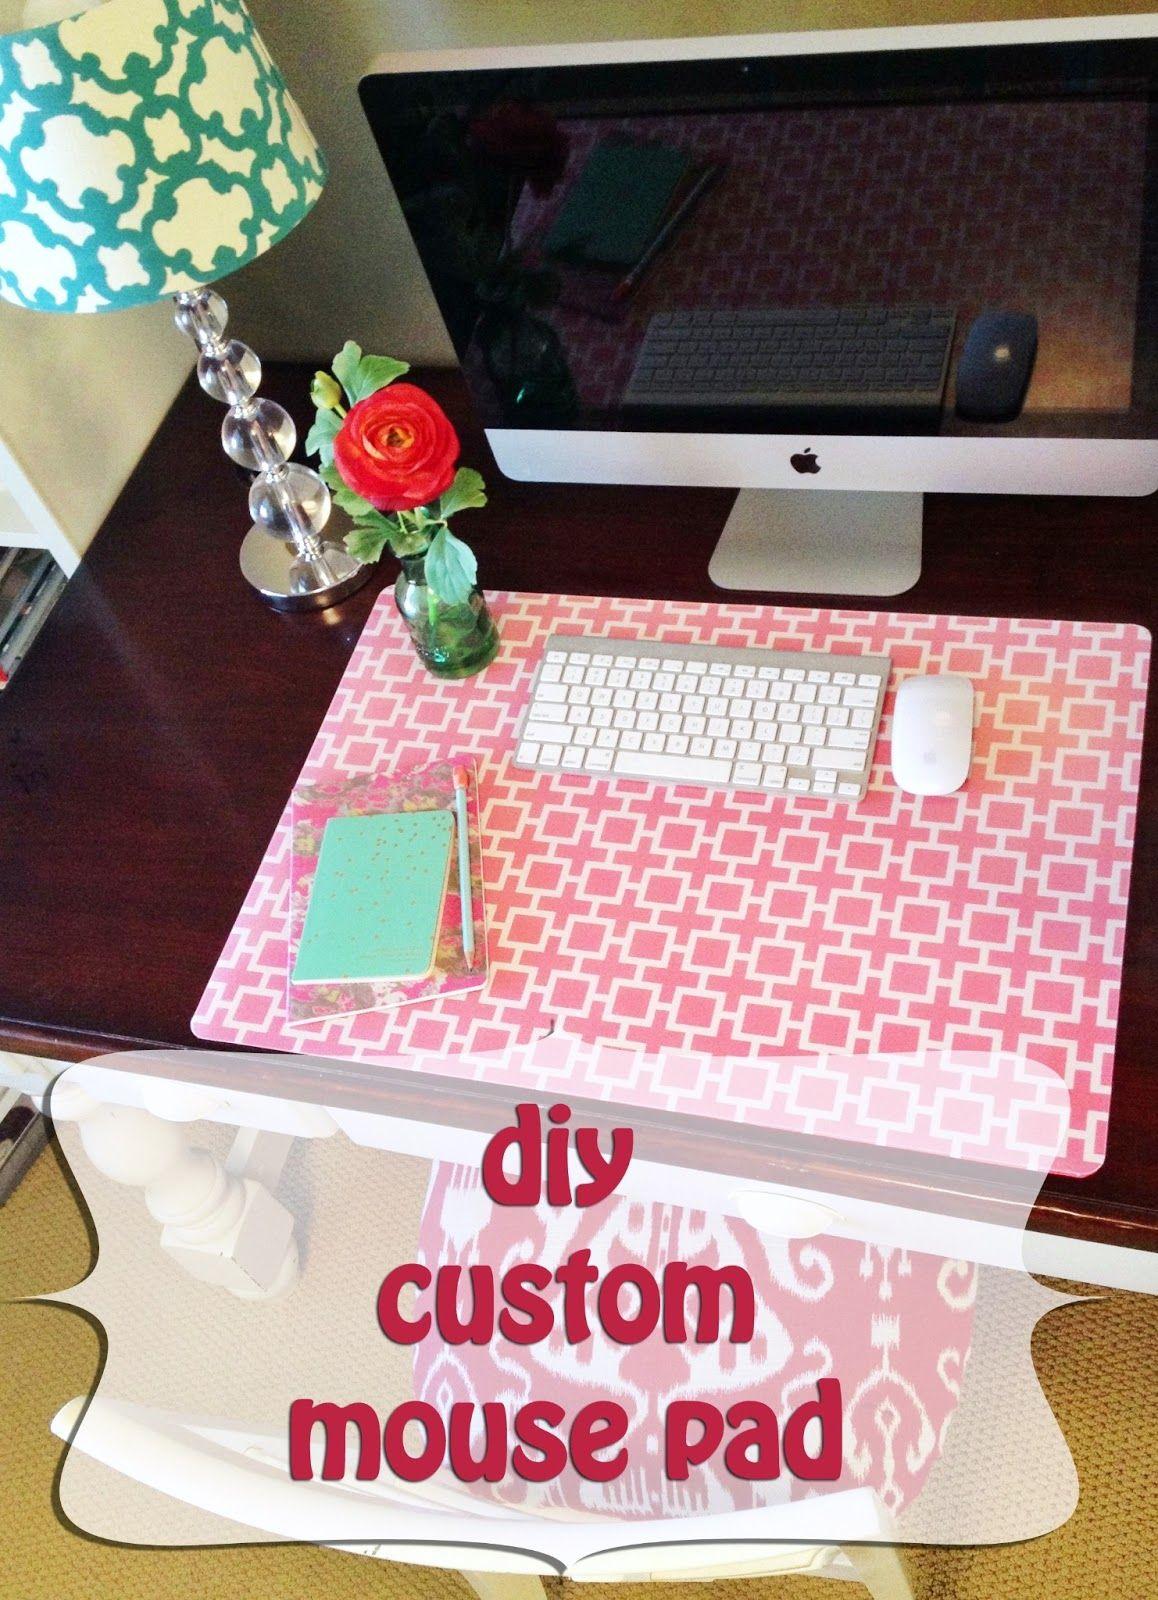 Custom Desk Pad A Little Tipsy Diy Office Decor Office Desk Decor Office Crafts